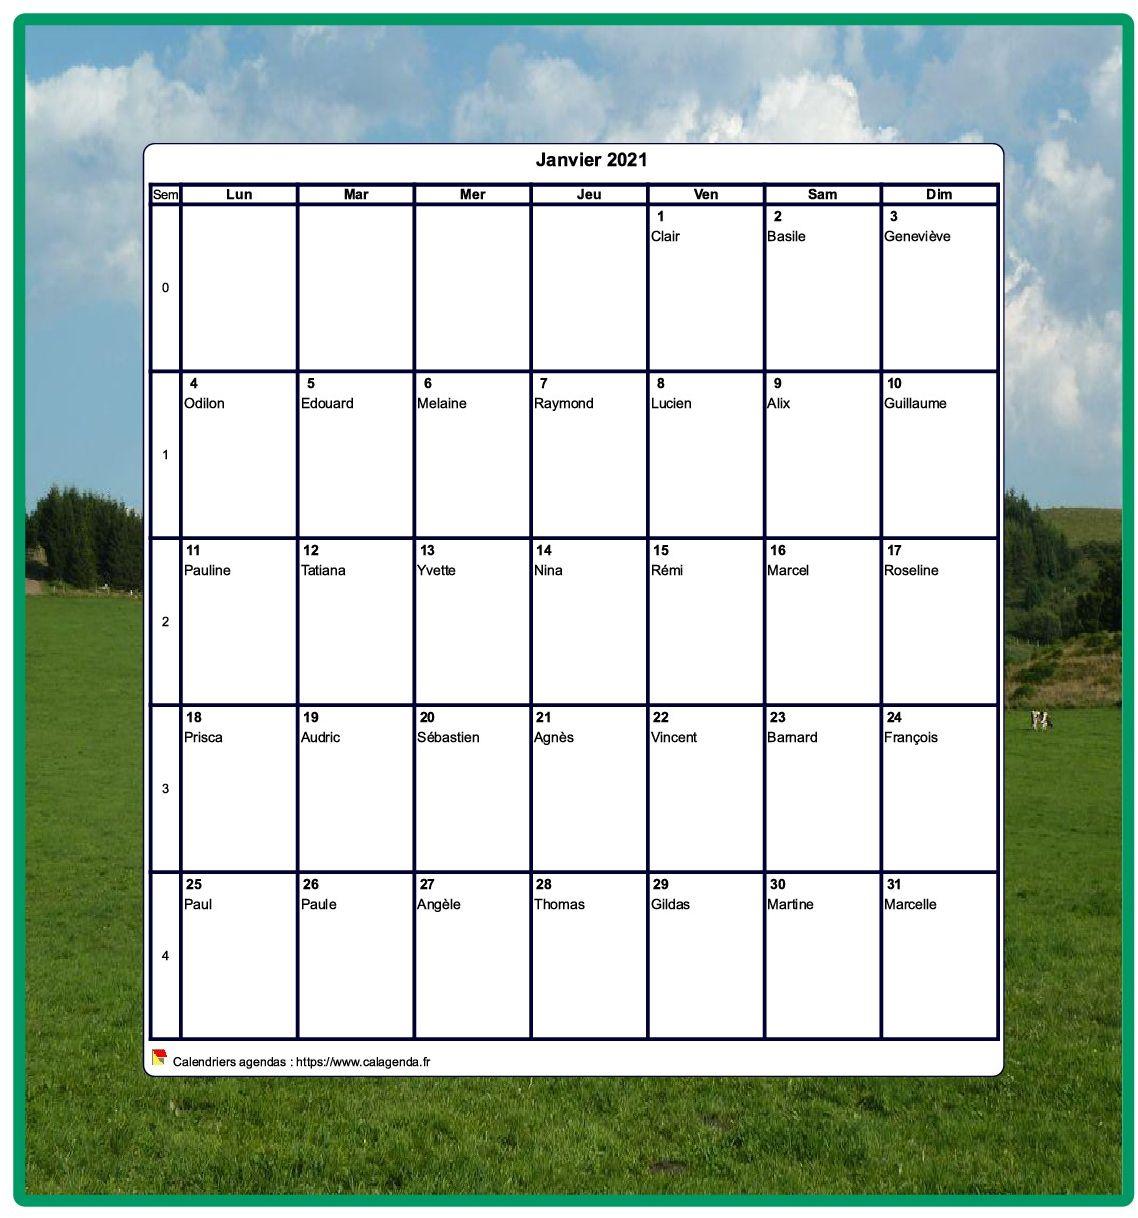 Calendrier 2021 décoratif à imprimer, mensuel , format portrait